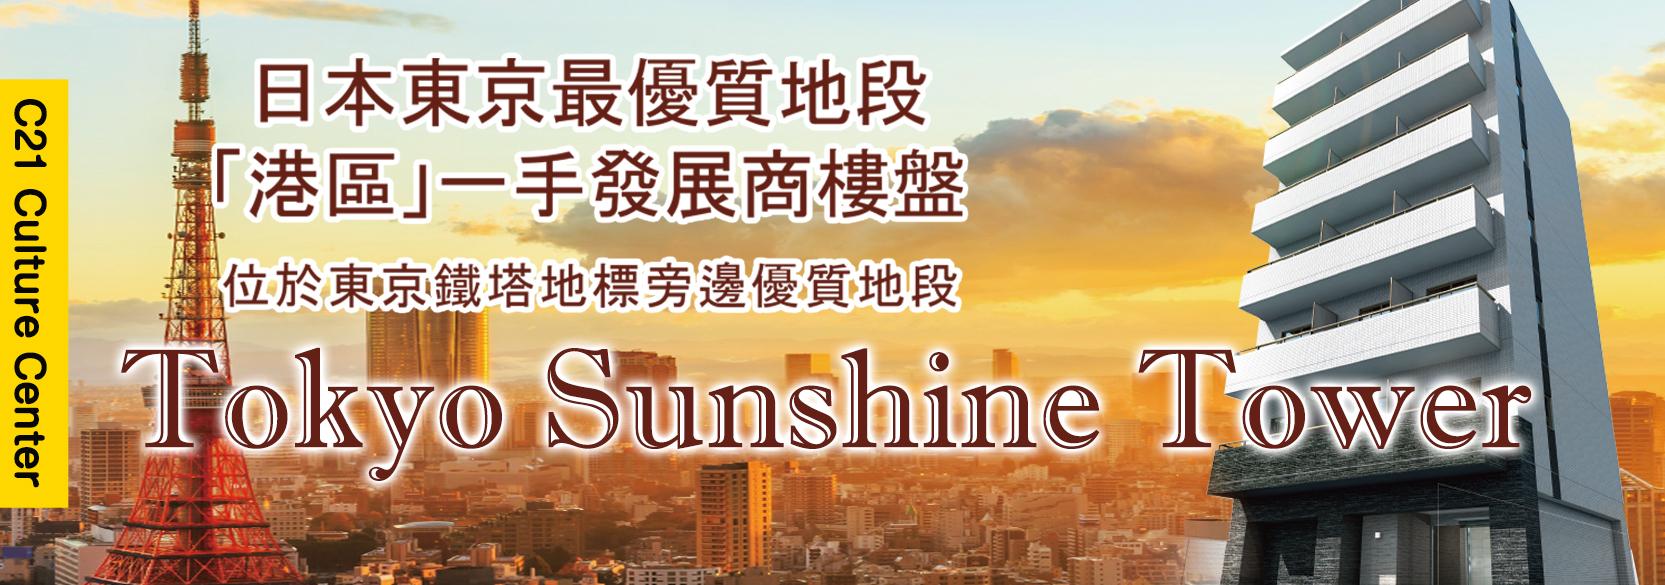 (繁中) Tokyo Sunshine Tower